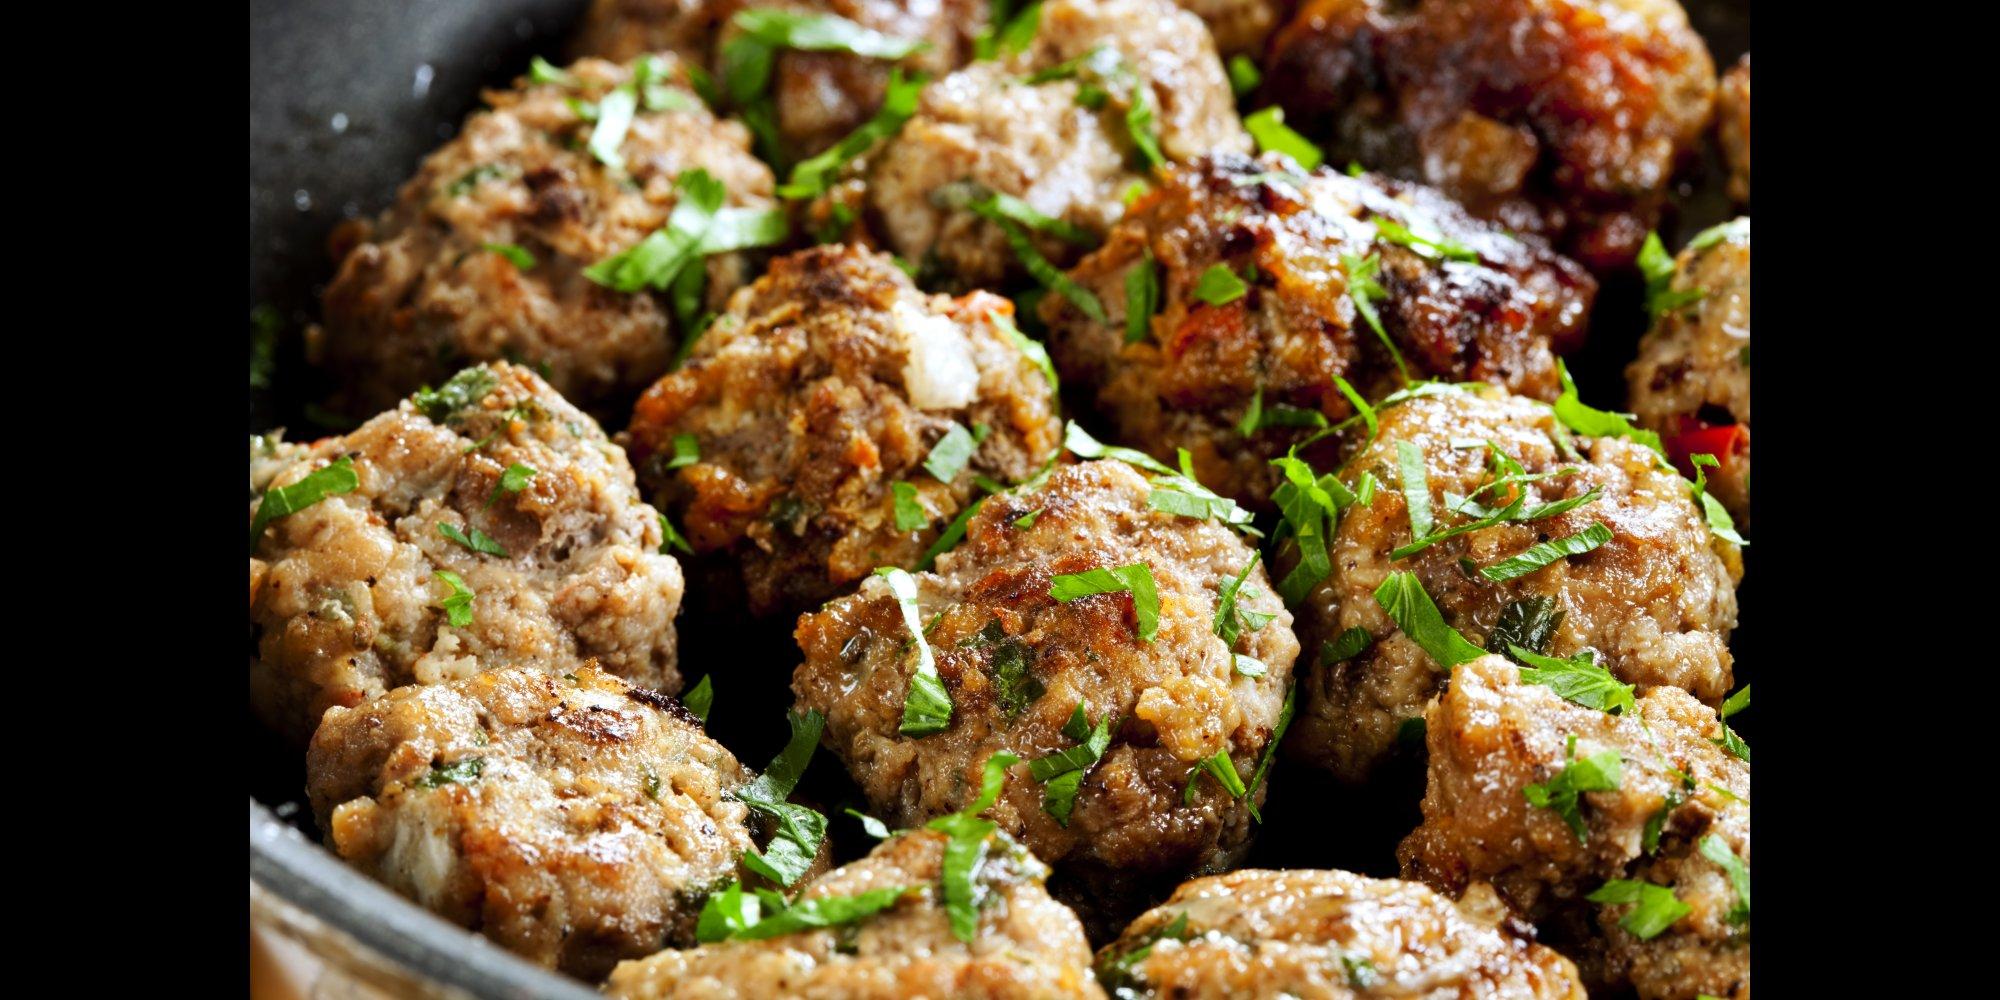 Comment r ussir les meilleures boulettes vid o - Comment cuisiner des boulettes de boeuf ...